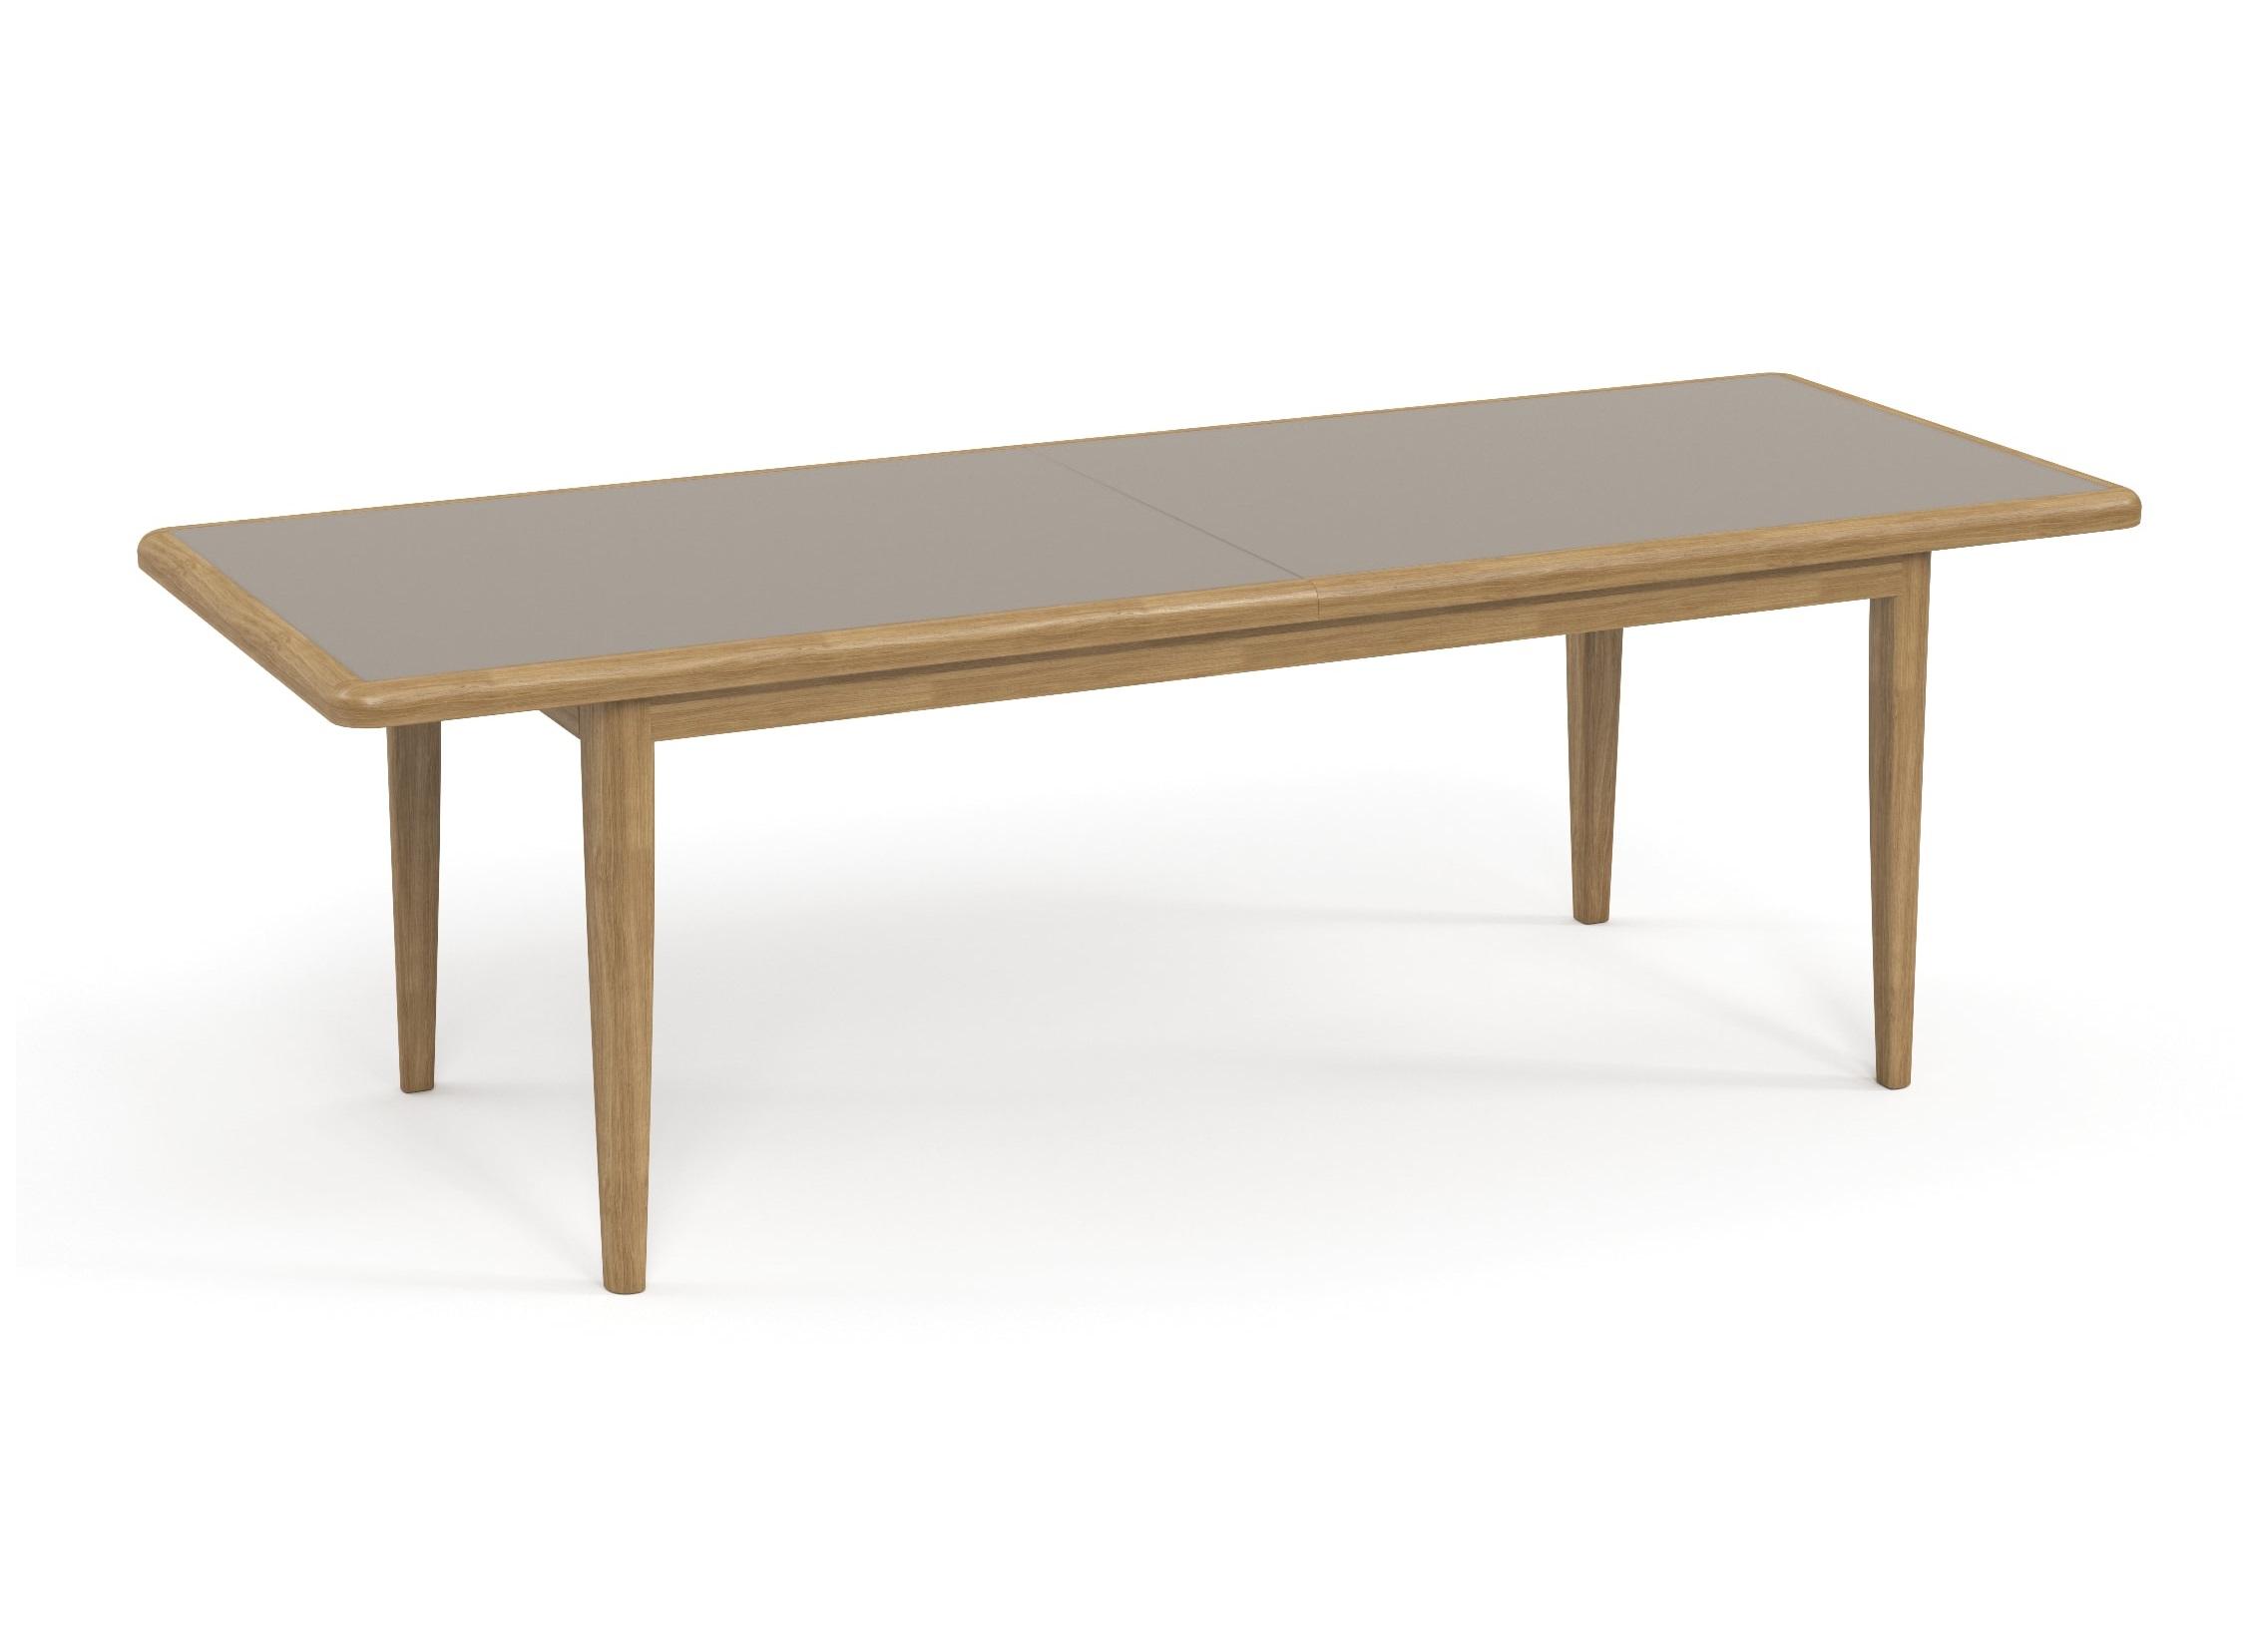 Стол обеденный SeagullОбеденные столы<br>Коллекция SEAGULL – воплощение природной простоты и естественного совершенства. Мебель привлекает тёплыми тонами, уникальностью материала и идеальными пропорциями. Стеклянные столешницы обеденных и журнальных столов по цвету гармонируют с тканью подушек, удобные диваны и «утопающие» кресла дарят ощущения спокойствия и комфорта. Ироко – экзотическая золотисто-коричневатая/оливково-коричневая древесина с золотистым оттенком. Цвет ироко практически не меняется со временем, немного темнеет и приобретает теплый маслянистый оттенок. По физическим свойствам не уступает тику. Древесина африканского тика не подвержена гниению и воздействию термитов, не требует дополнительной антибактериальной обработки. Мебель из ироко допускает круглогодичную эксплуатацию на открытом воздухе, выдерживает перепады температур от –30 до +30С. Срок службы более 20 лет. Вся фурнитура изготовлена из нержавеющей стали на собственном производстве.<br><br>kit: None<br>gender: None